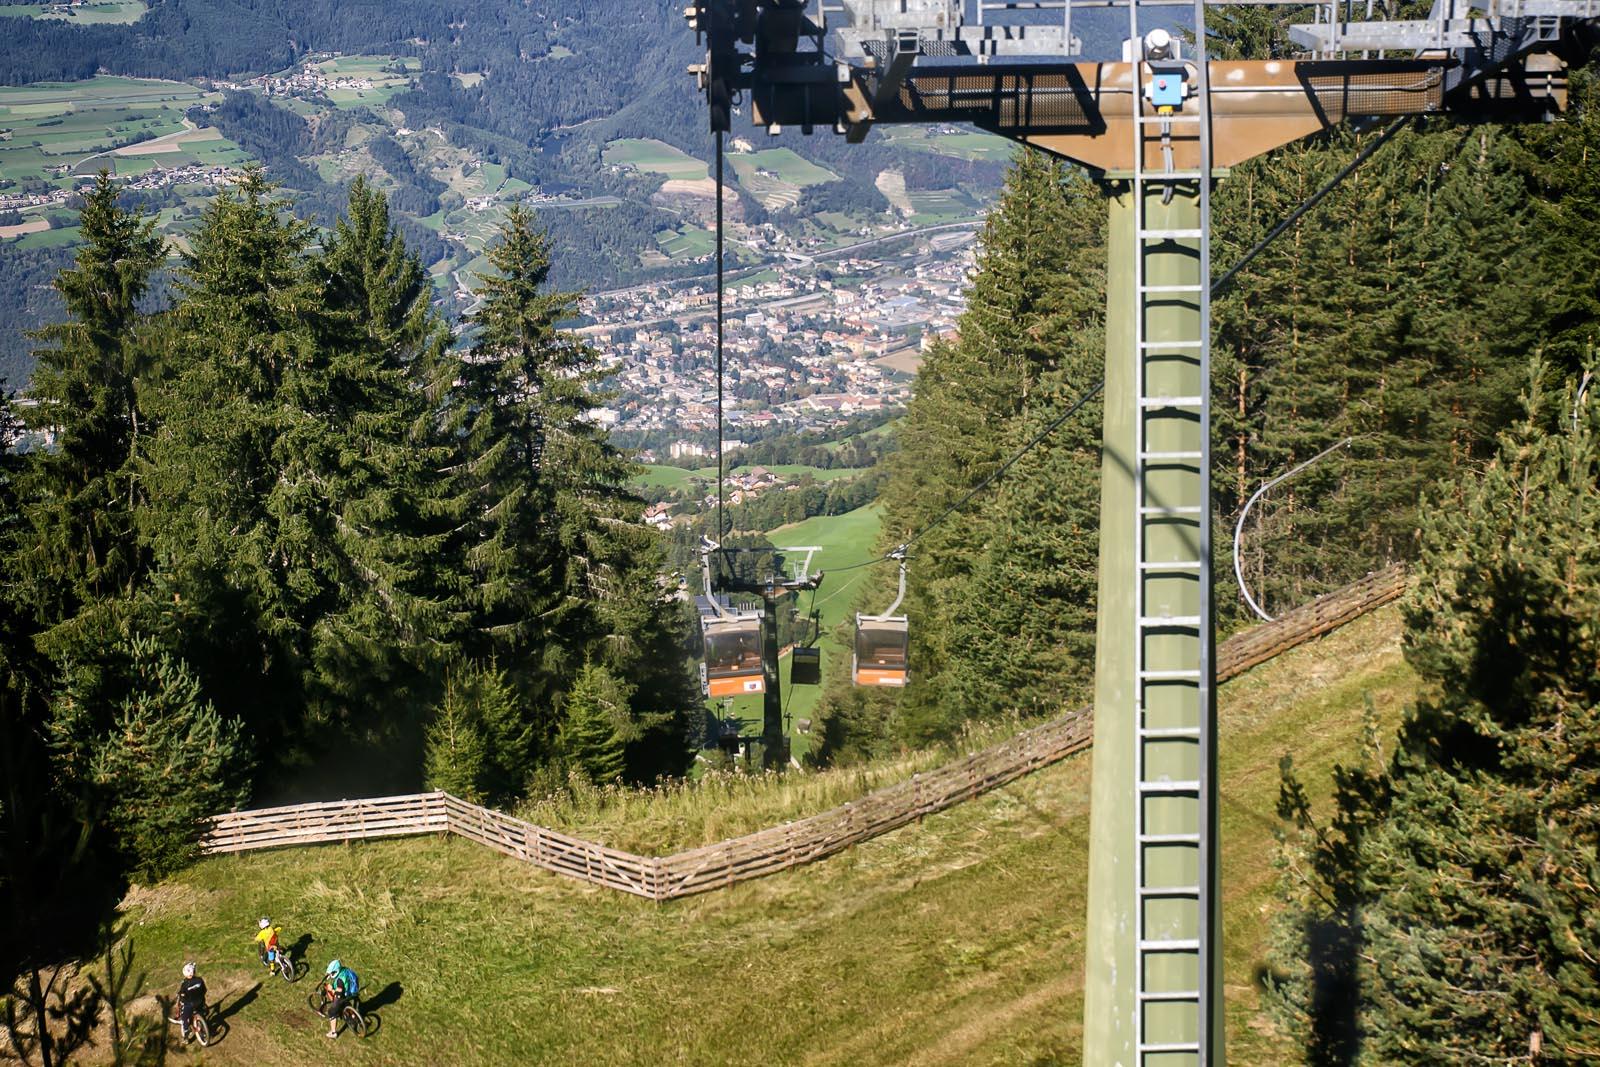 Der neu gebaute Freeride Trail schlängelt sich unter dem Lift den Berg hinab ©Arkadiusz Obszynski